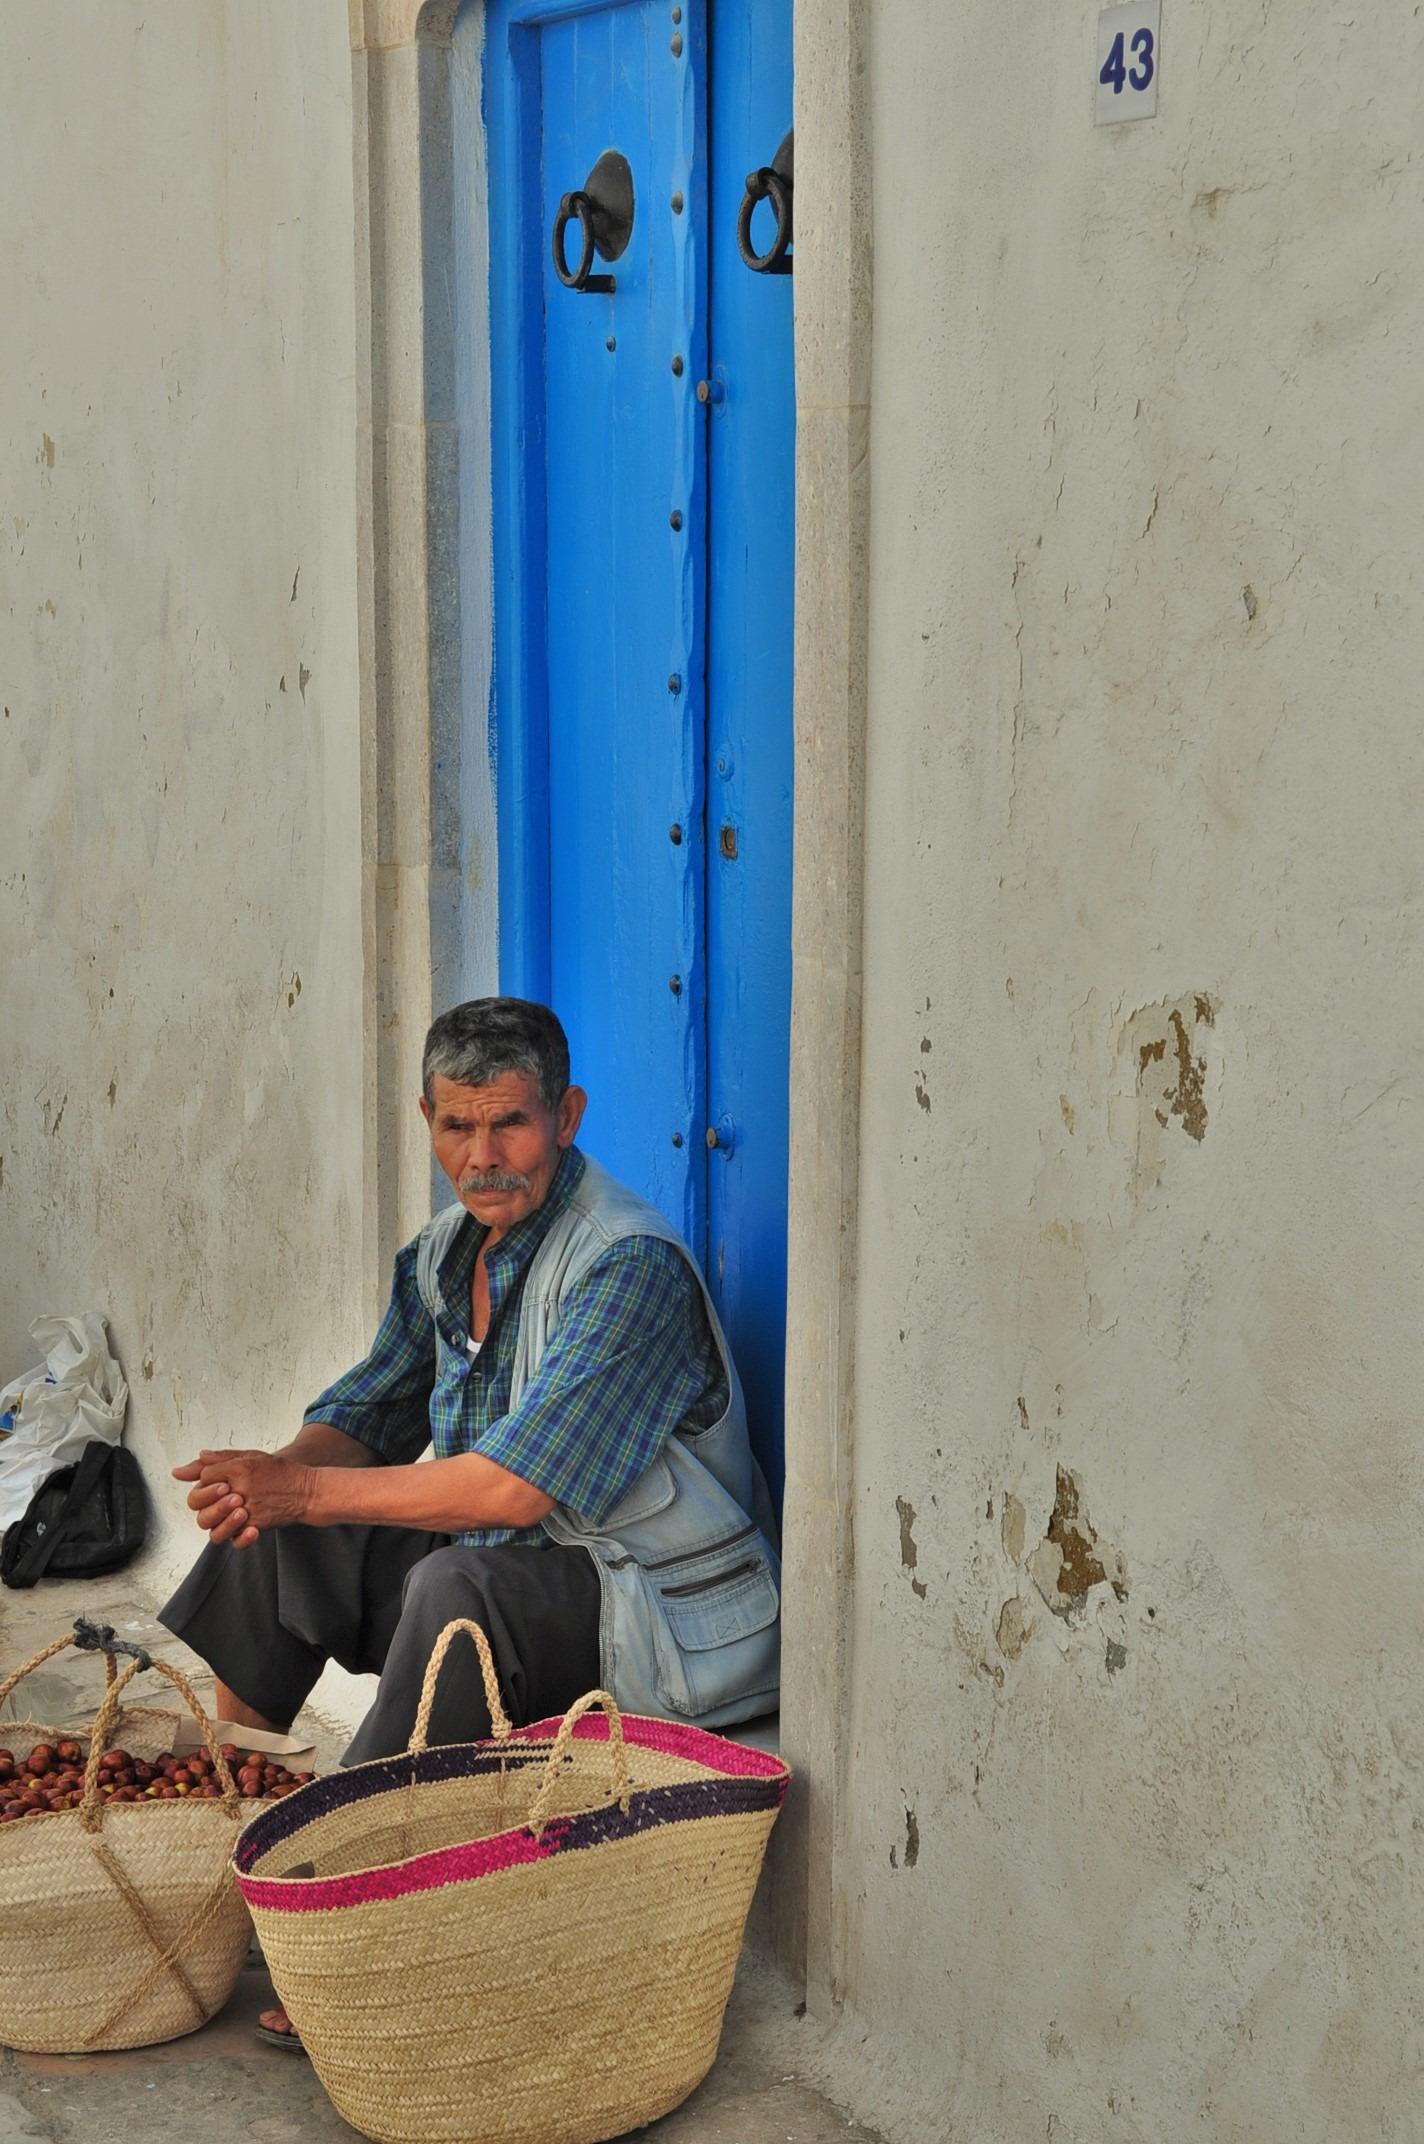 Един от малкото тунизийци, когото успях да уловя в кадър. Не обичат да ги снимат. Горди са. А и малко намръщени - като нас!